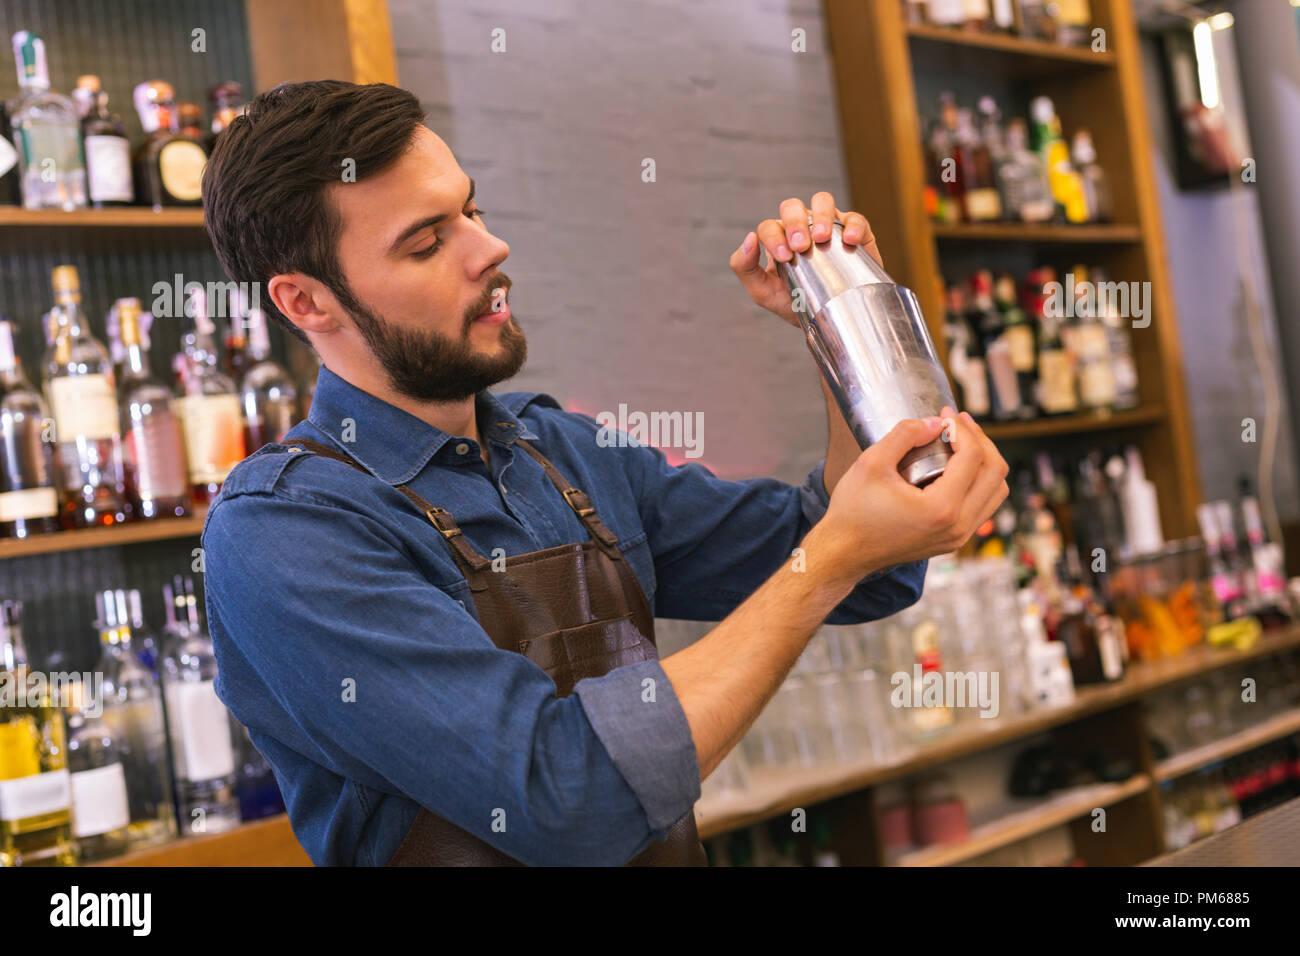 Barman attentif à la recherche tout en faisant un cocktail concentré Photo Stock